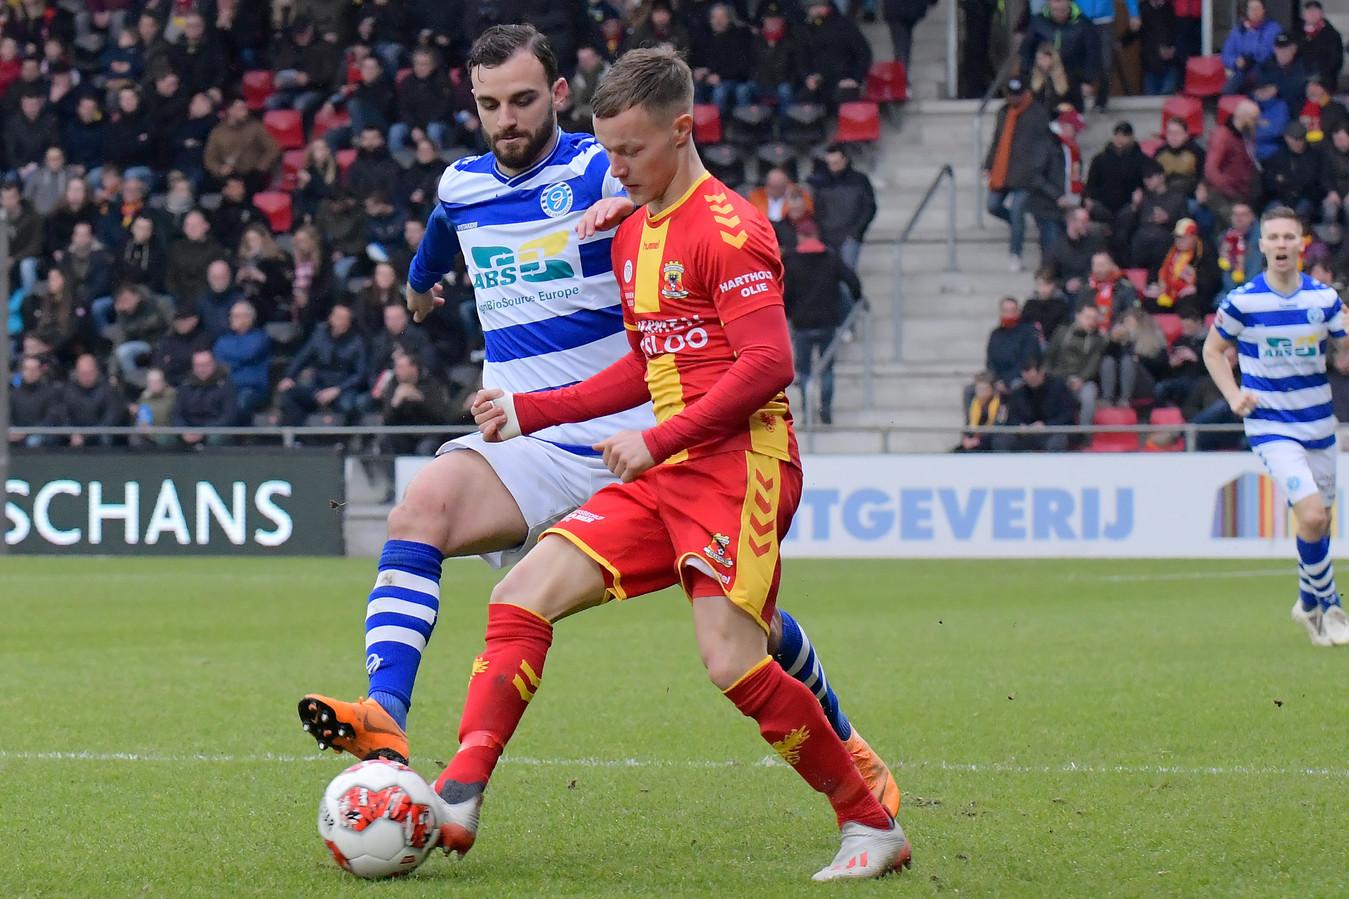 Giannis Mystakidis namens De Graafschap in duel met Boyd Lucassen van Go Ahead Eagles